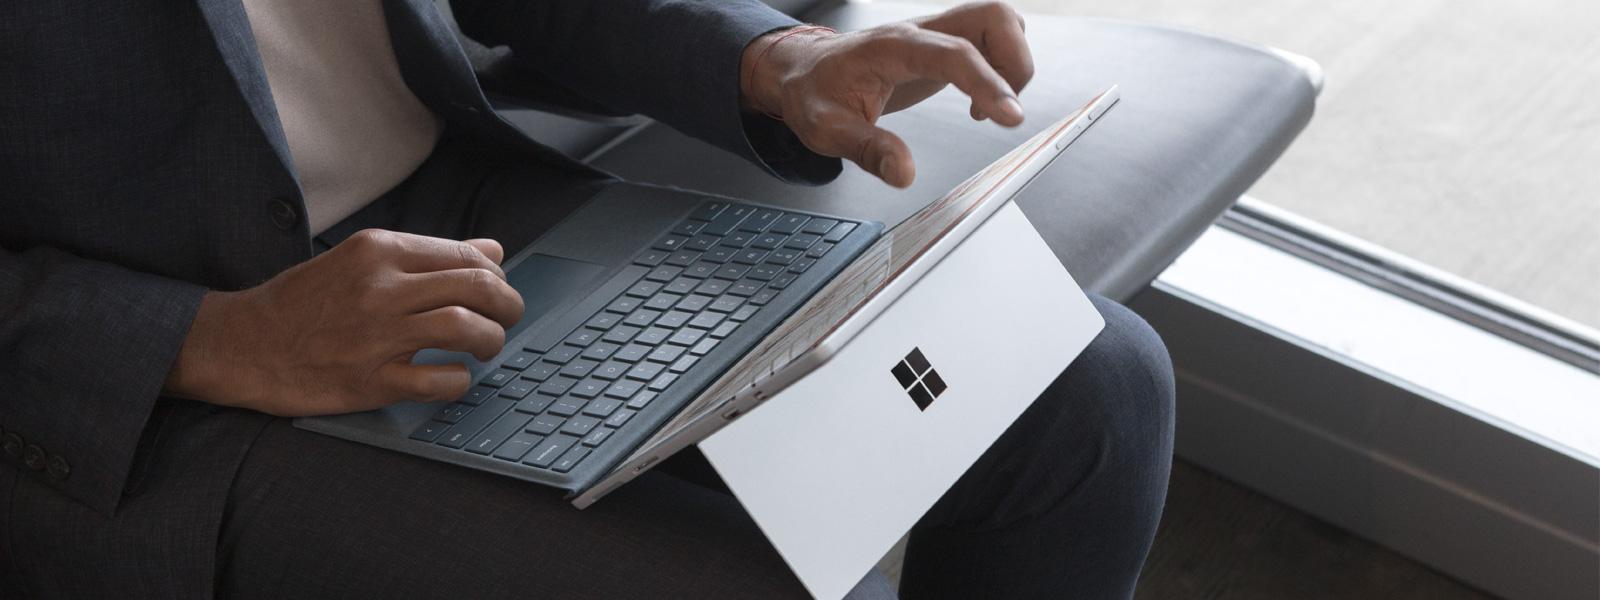 Dwie kobiety używające Surface Book 2 ze złożoną klawiaturą wkawiarni.